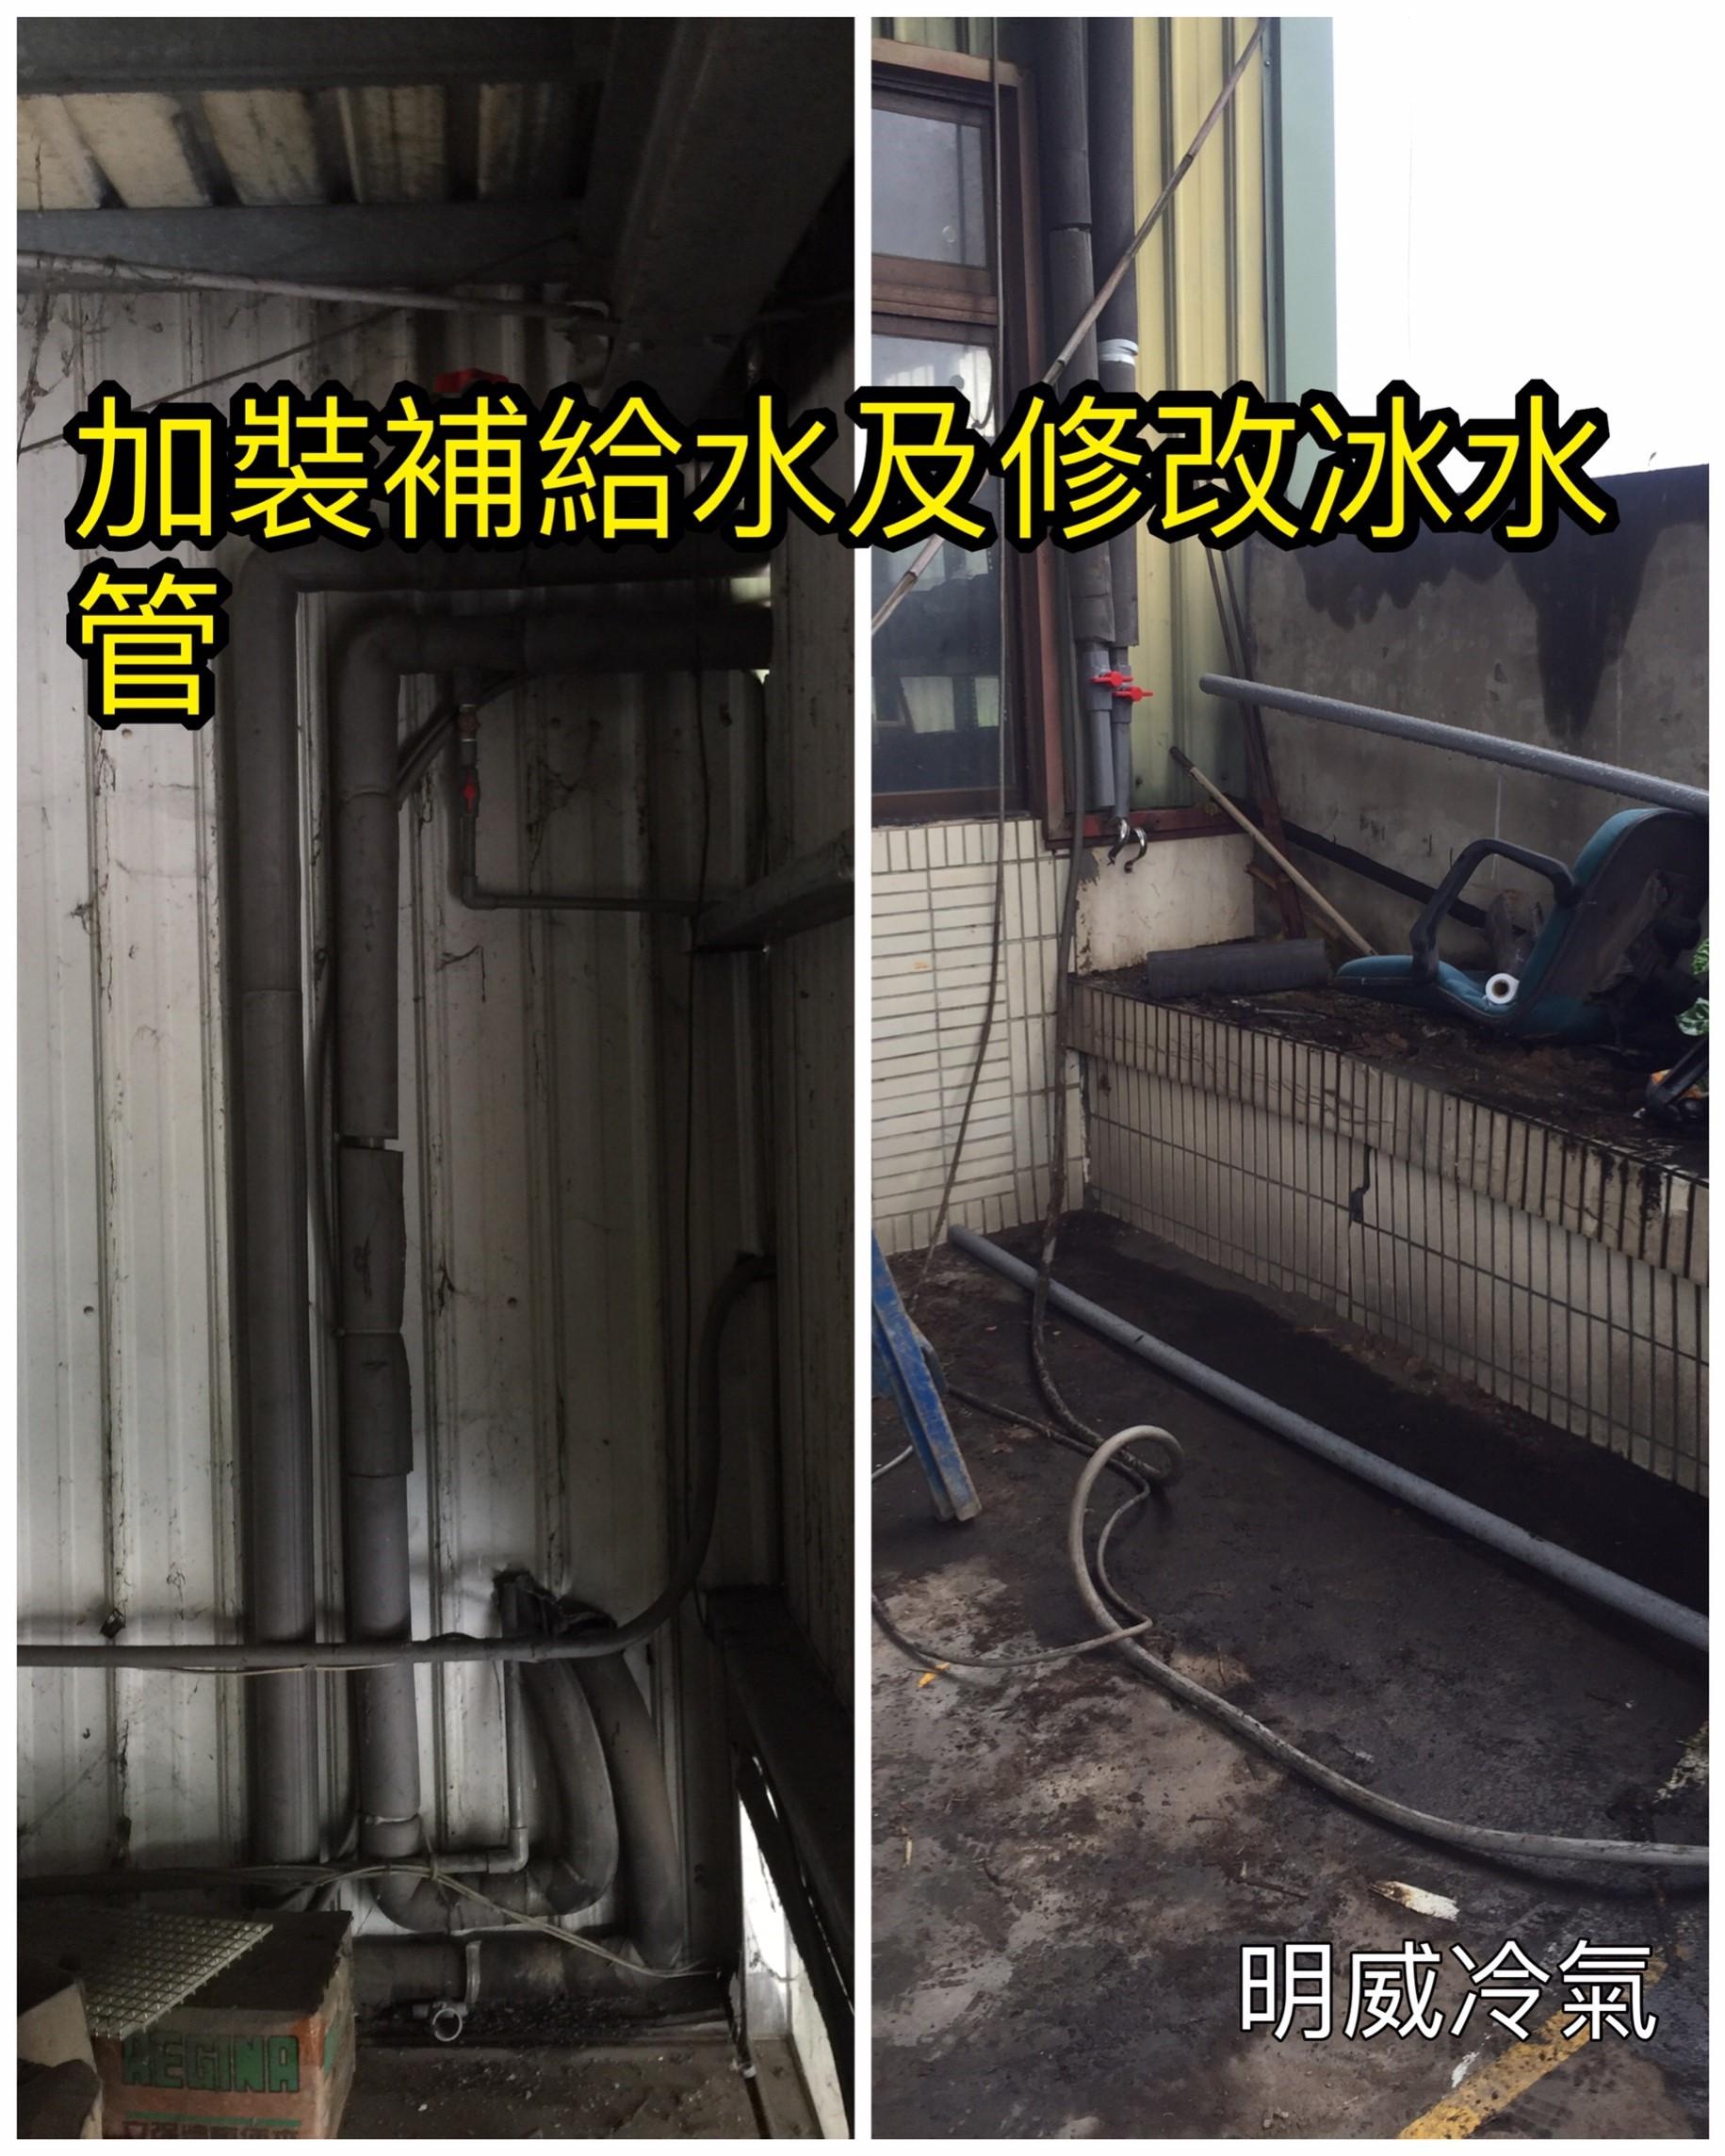 13-2加裝補給水及修改冰水管.jpg